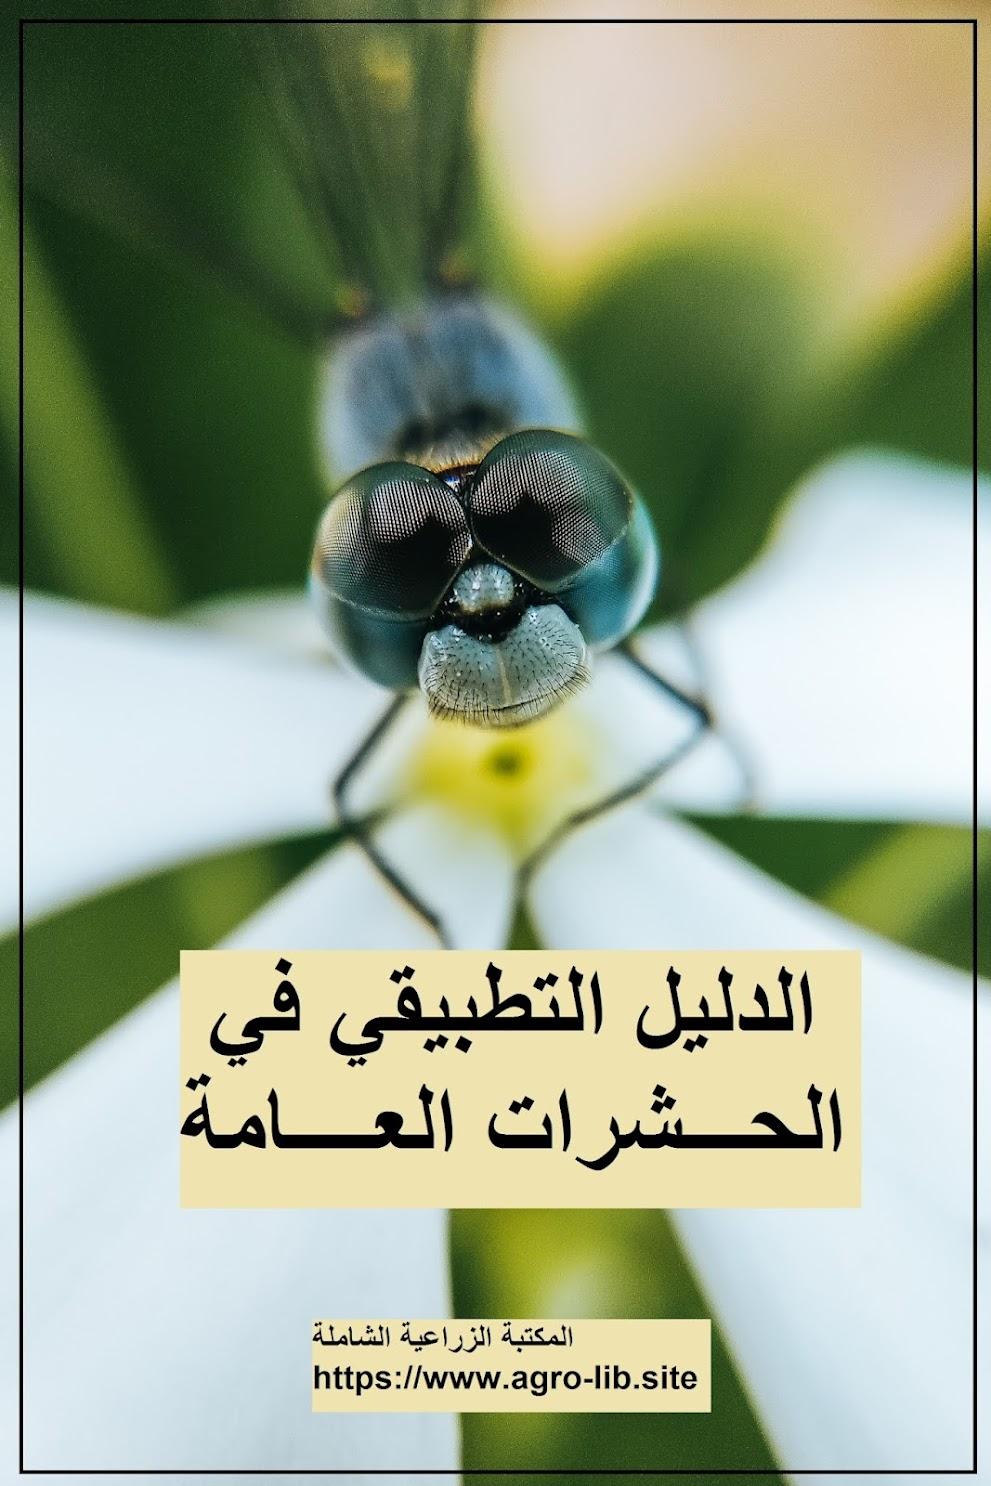 كتاب : الدليل التطبيقي في الحشرات العامة